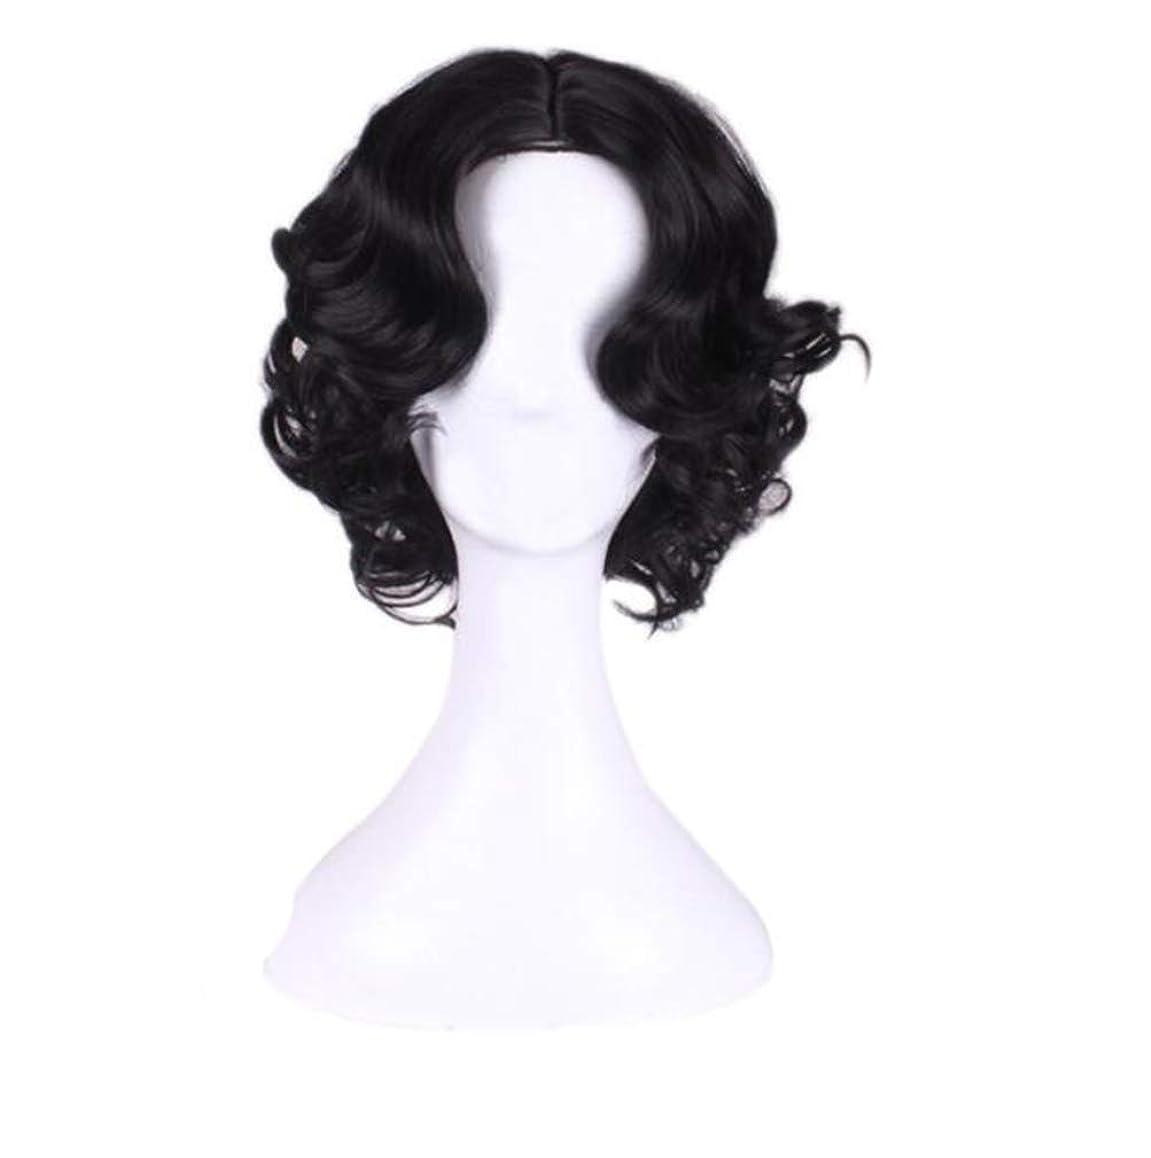 読みやすい不調和フェロー諸島かつら短毛の合成ハロウィーンの役割中型の短い髪の女性、高品質のかつらを演奏